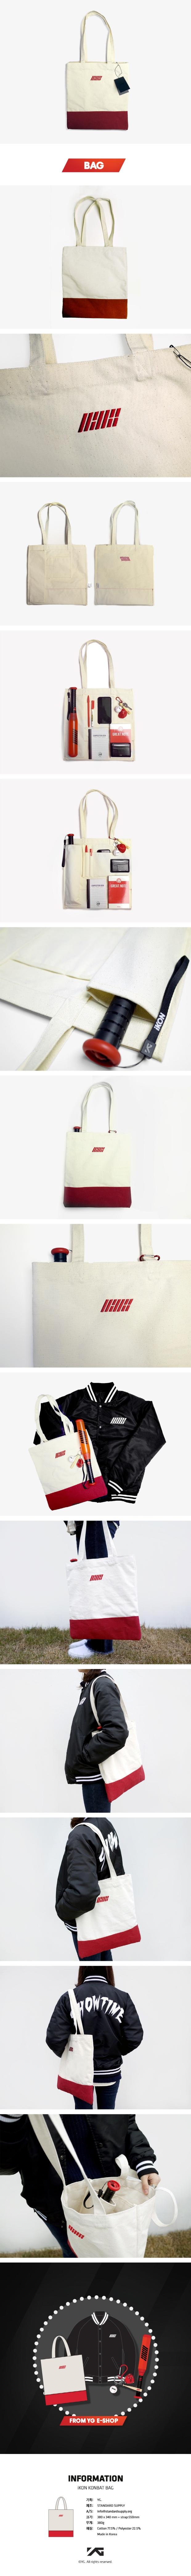 02_iKON_bag_01